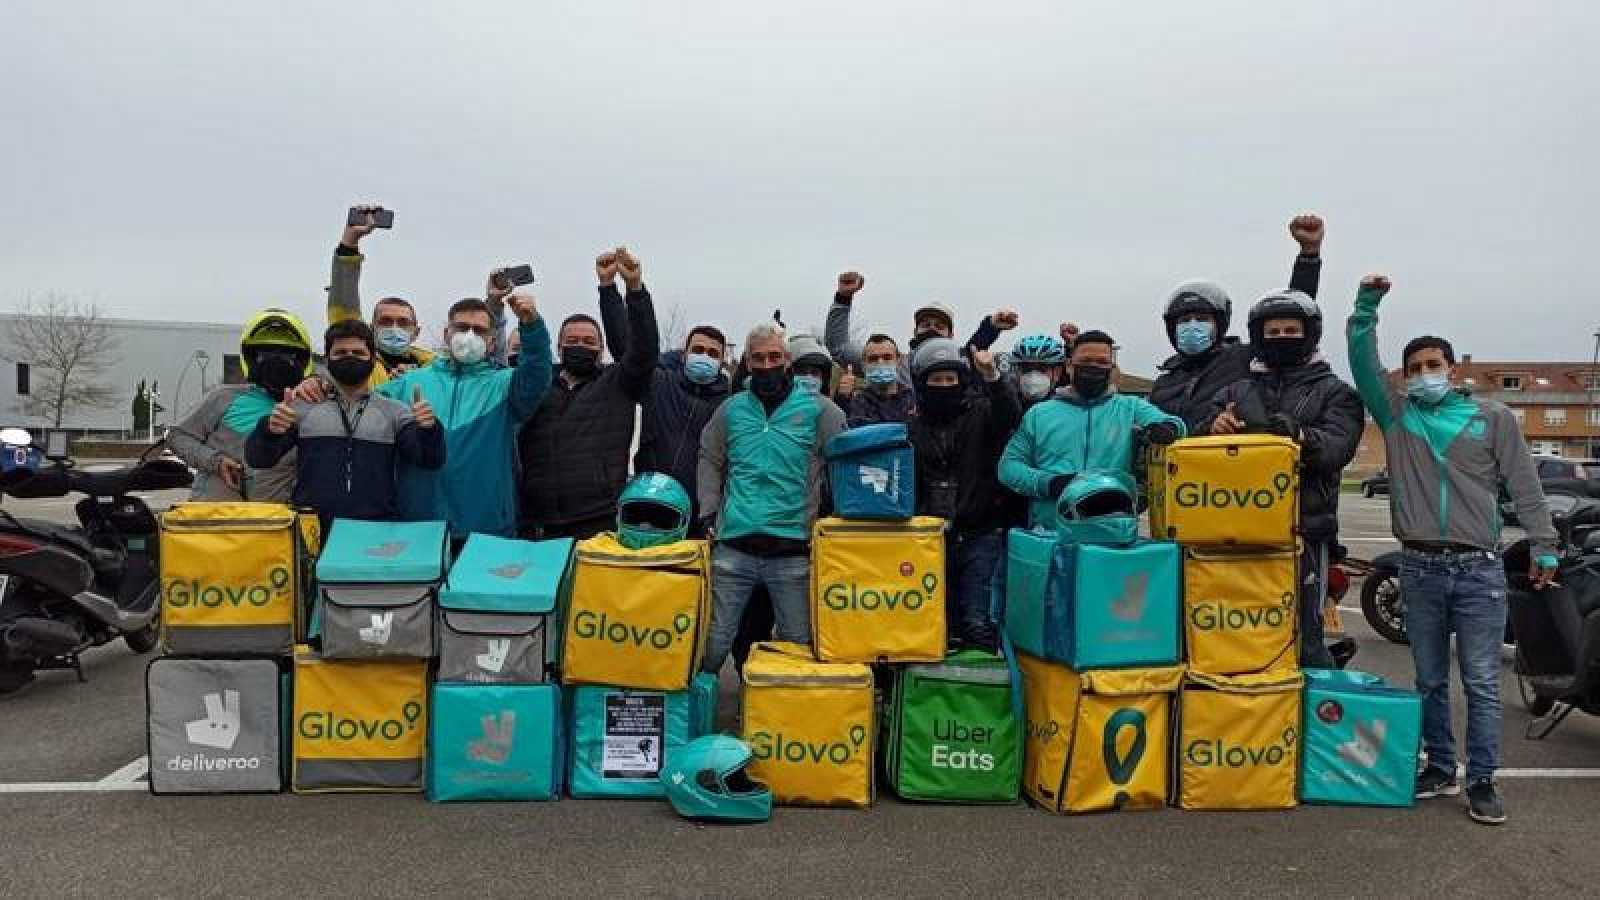 Concentración de protesta de los 'riders' en Gijón